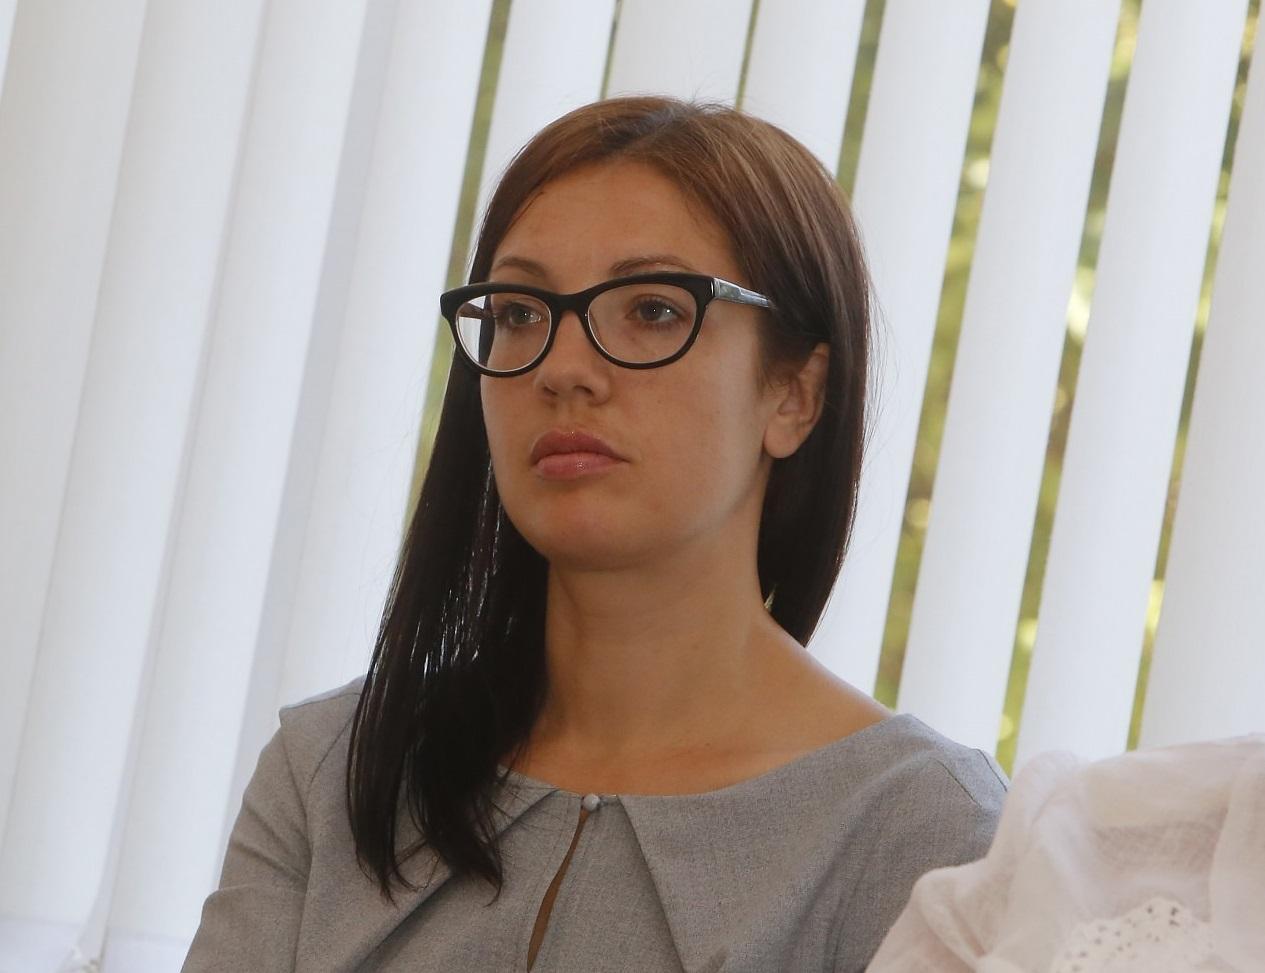 Элина Толмачева: И у лиепайских медиков не хватает средств защиты